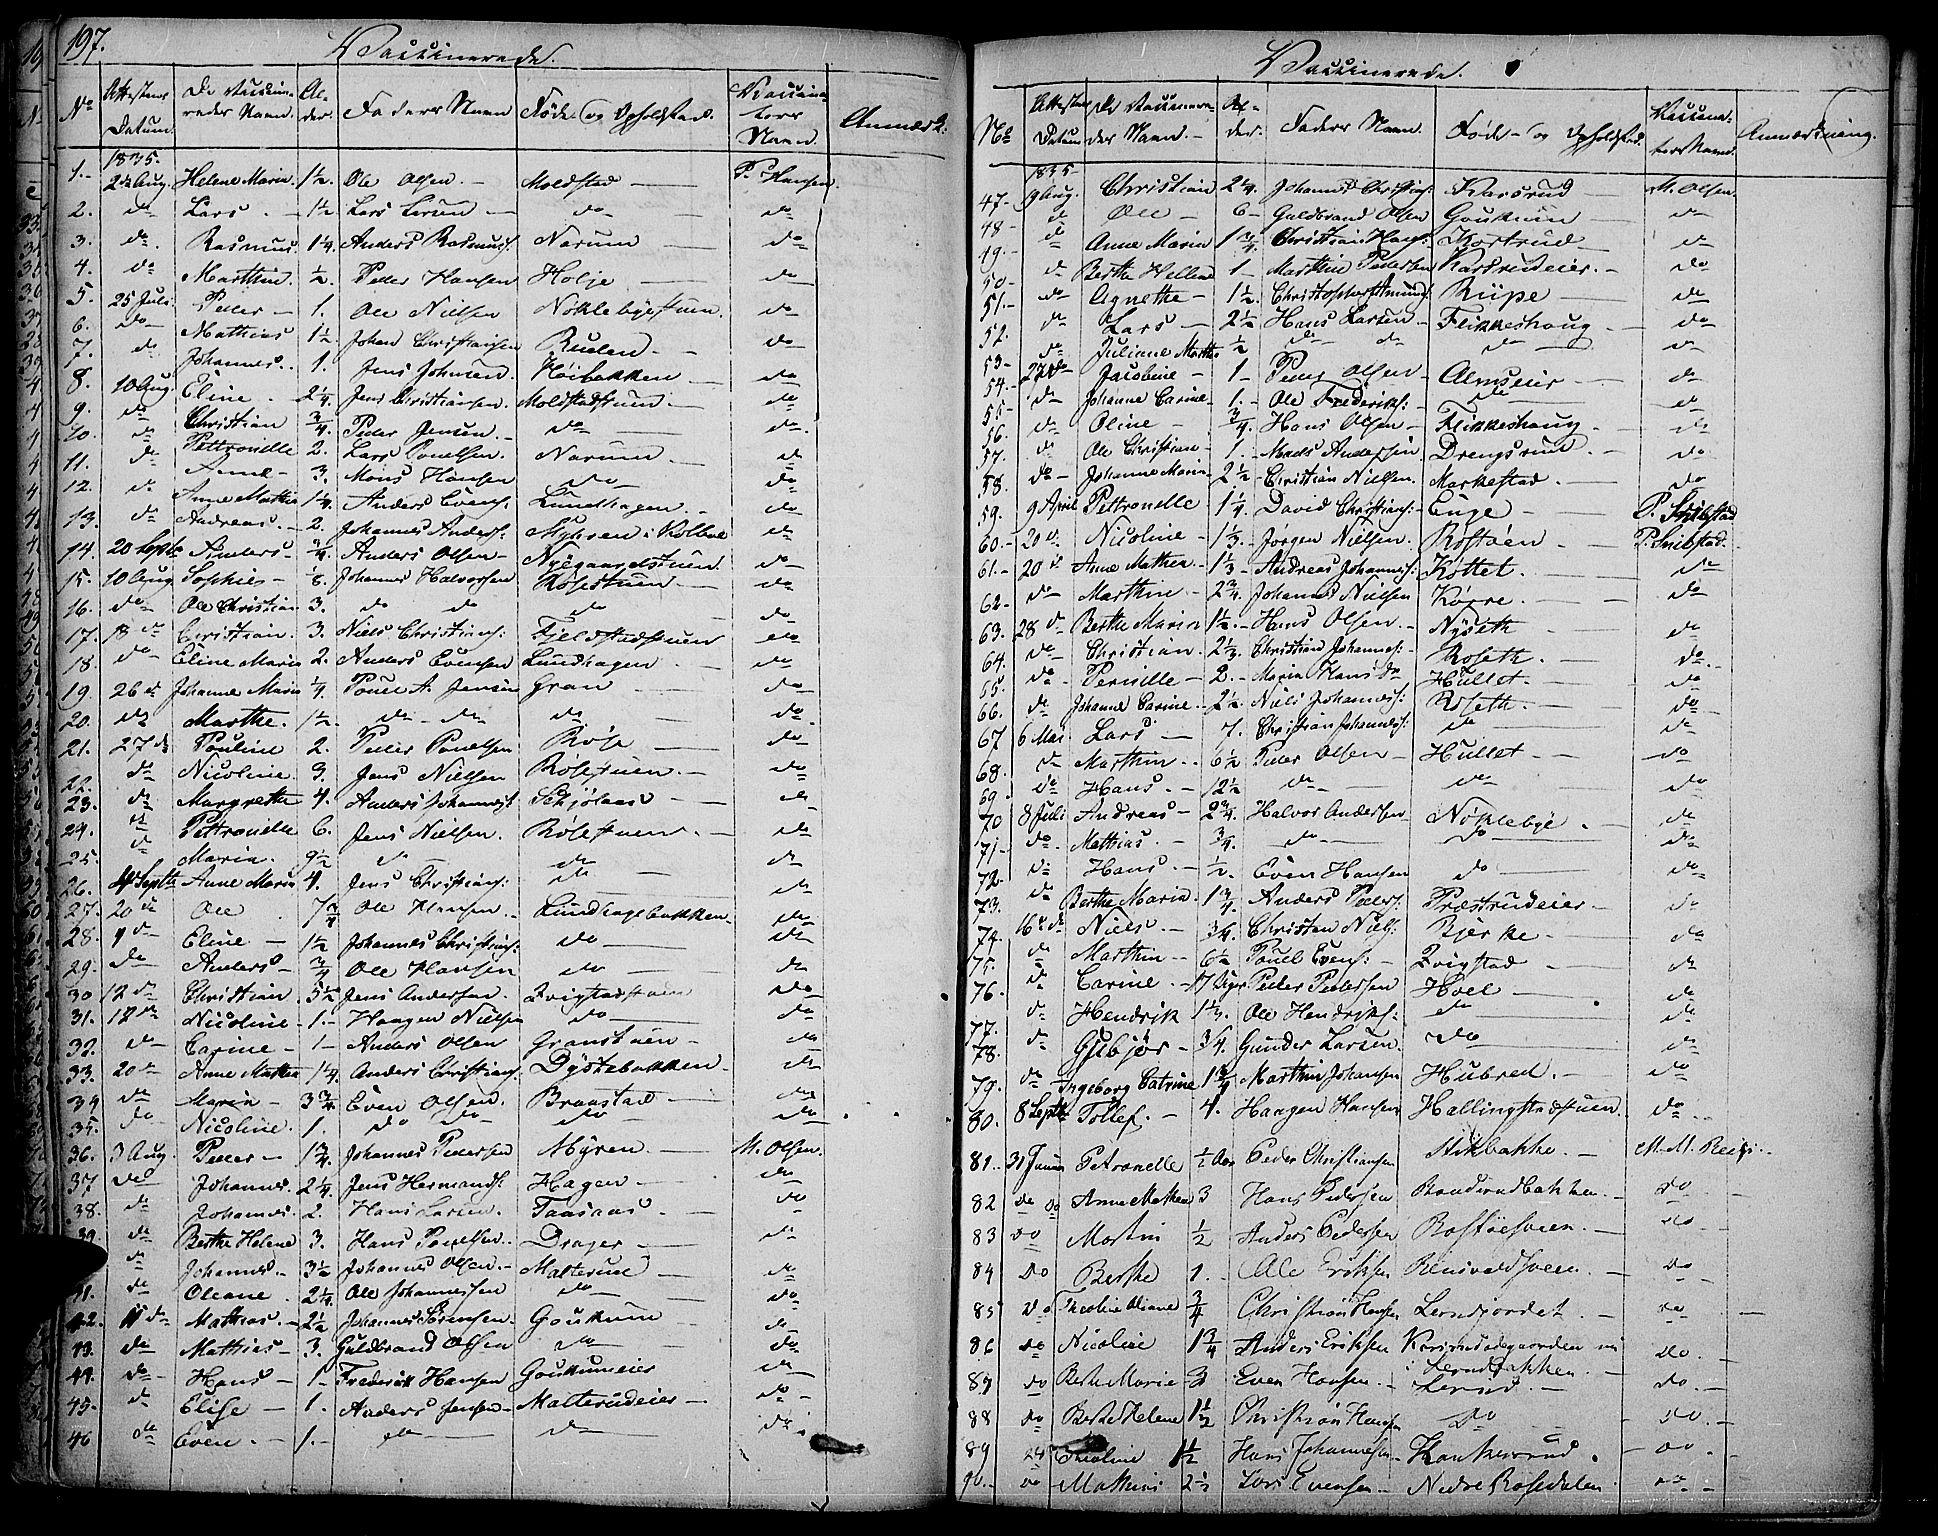 SAH, Vestre Toten prestekontor, Ministerialbok nr. 2, 1825-1837, s. 197